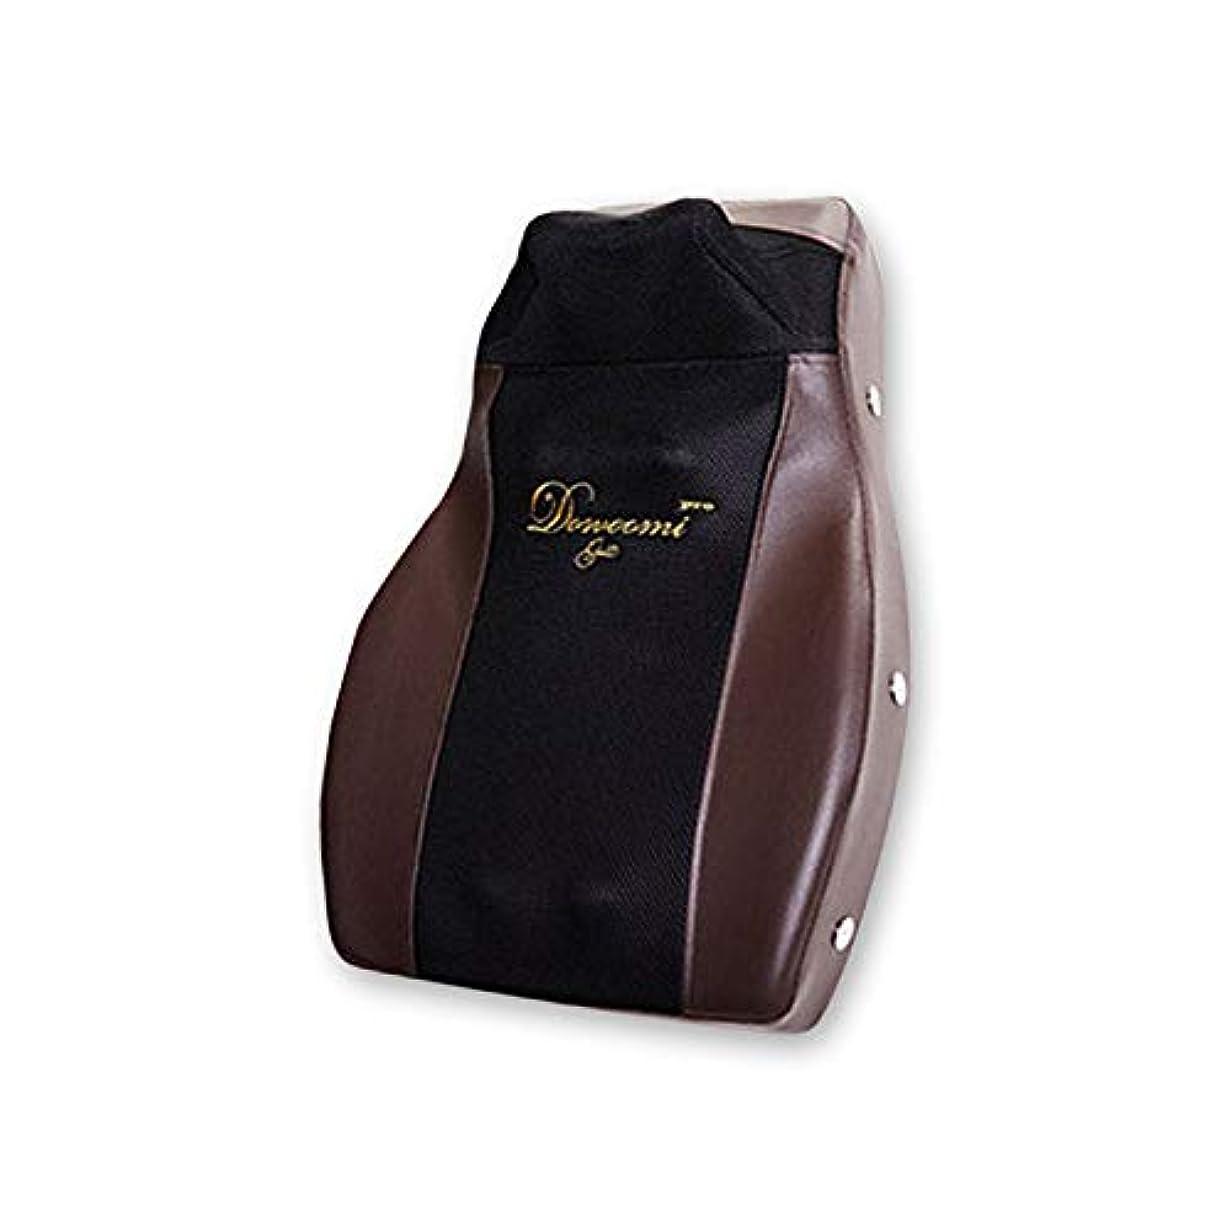 トランペット印象鉄Wellbeing Dowoomi Massager Gold Pro ドウミ マッサージ クッション ゴールド プロ [並行輸入品]